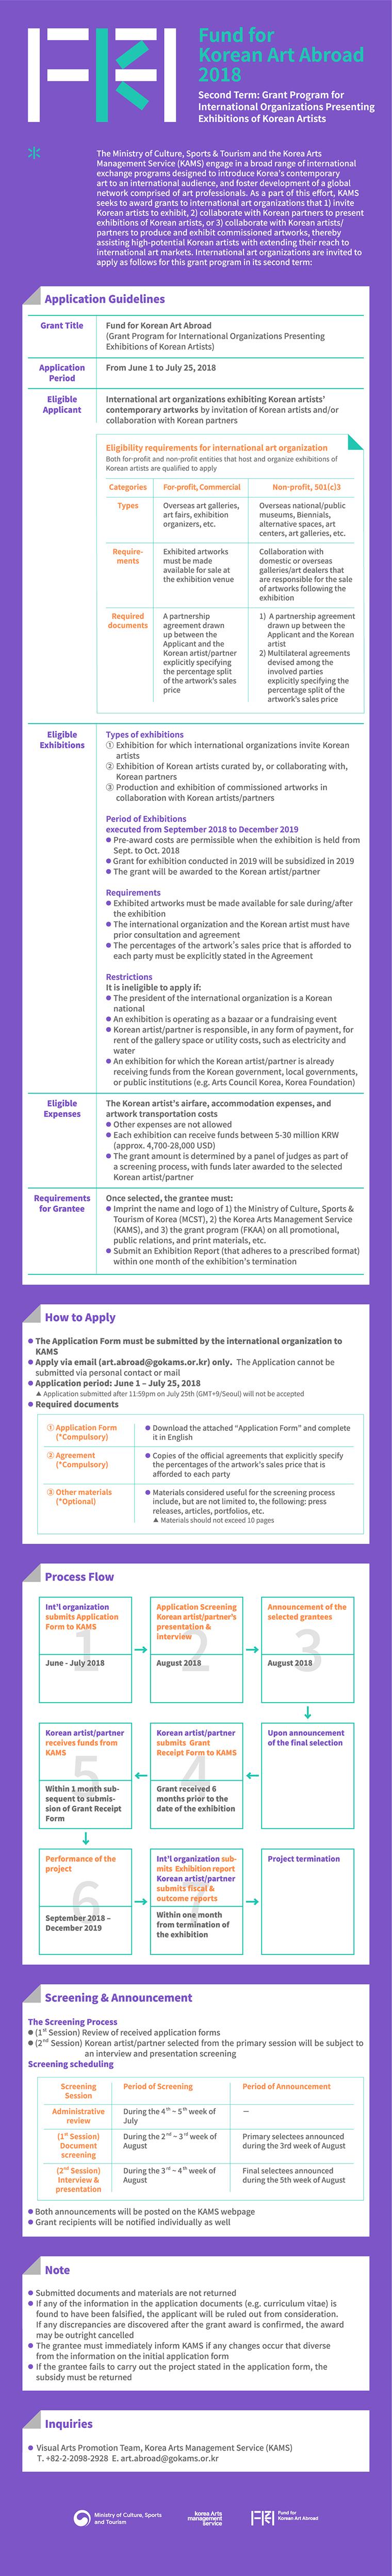 해외기관 초청·협력 전시 지원 2차 공모